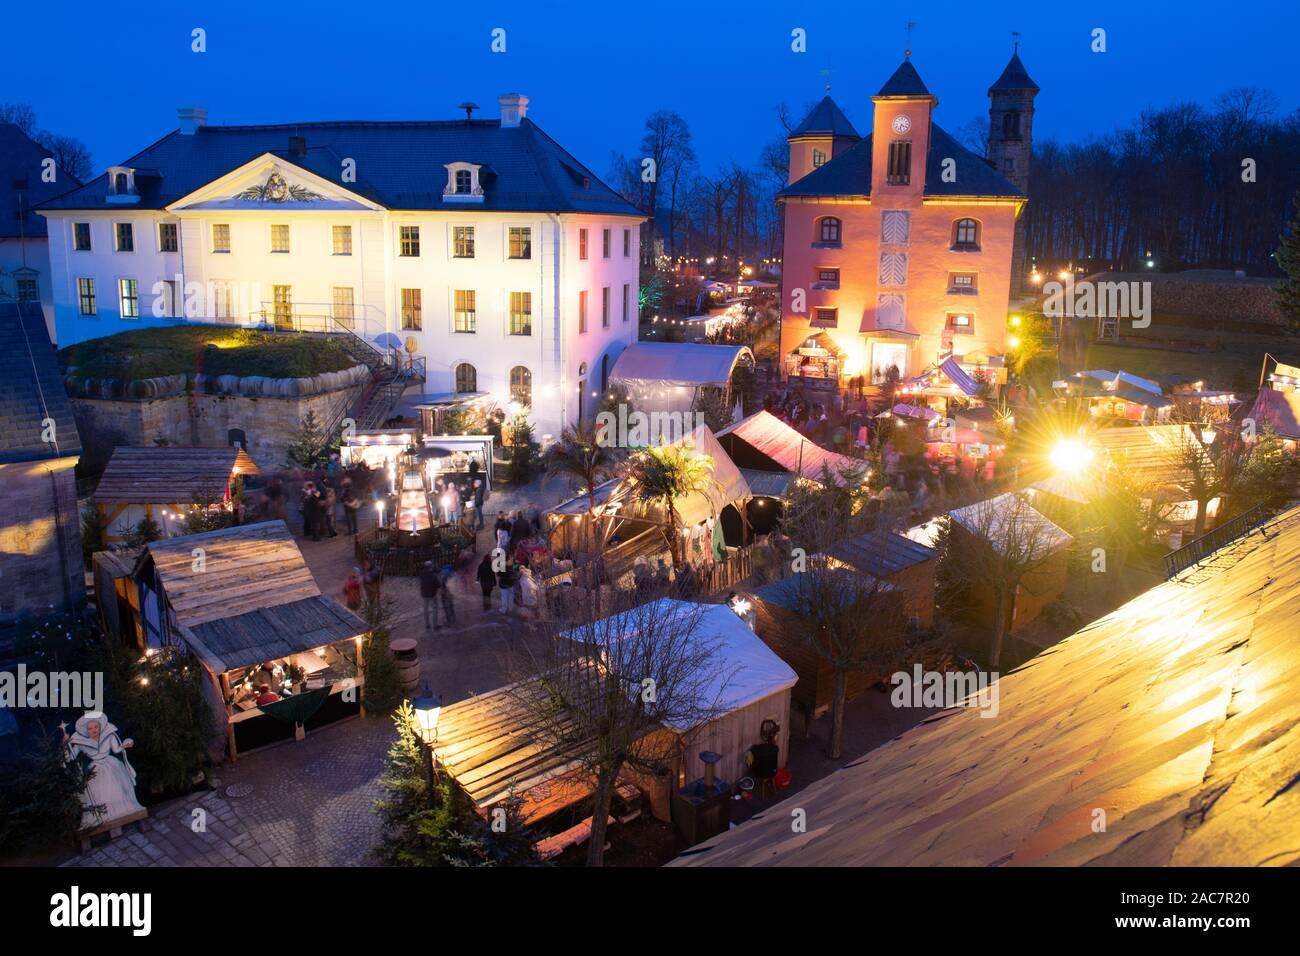 KöNigstein Christmas Market 2020 01 December 2019, Saxony, Königstein: The sales stands at the